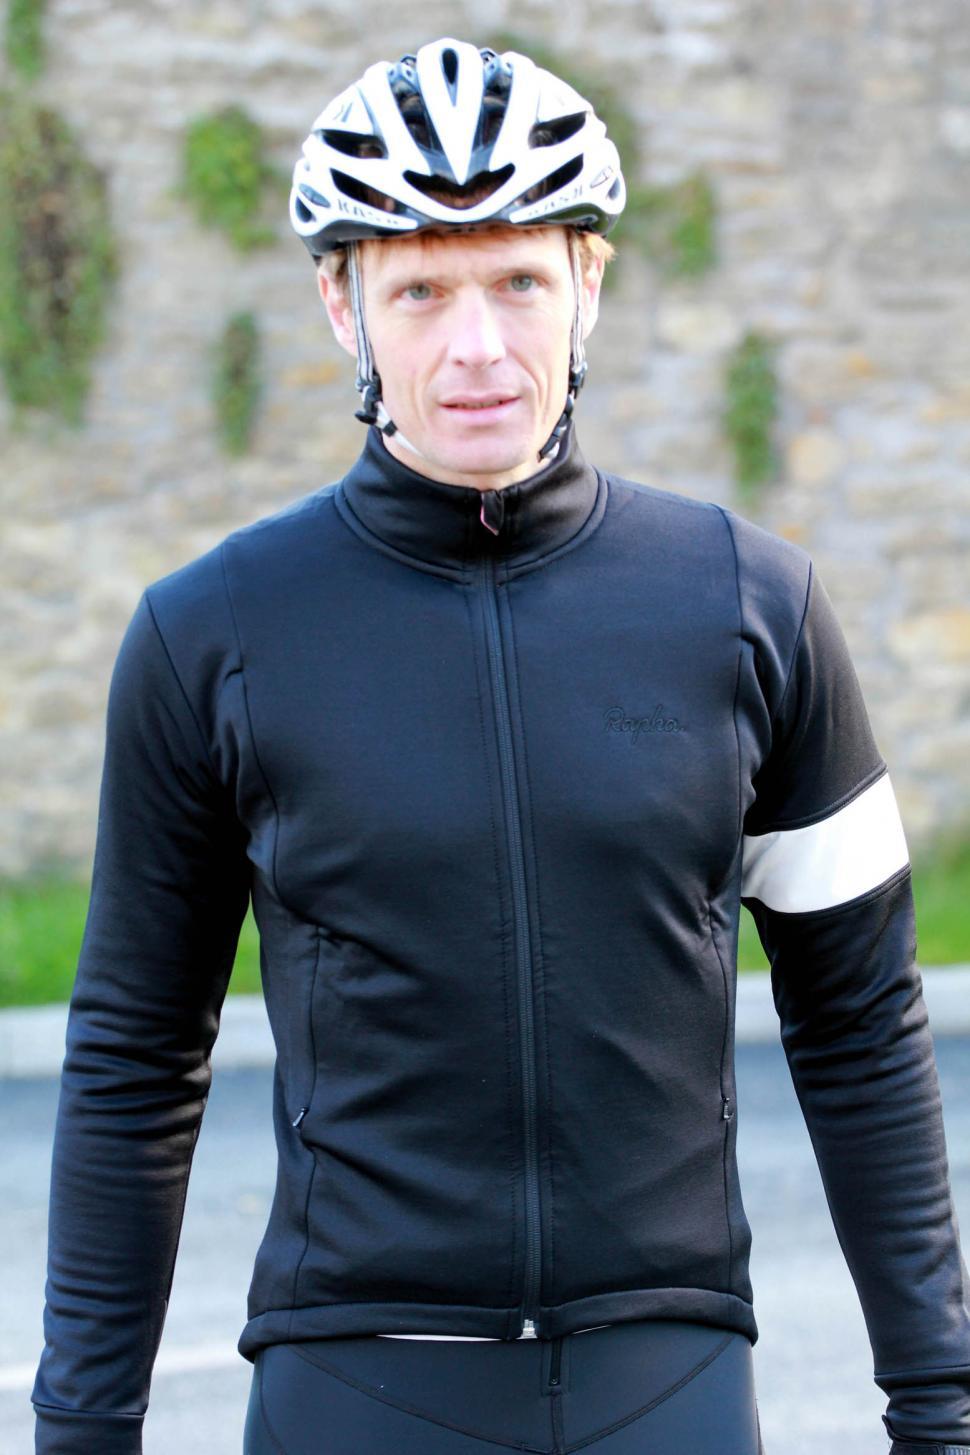 Jackets - Road Cycling UK